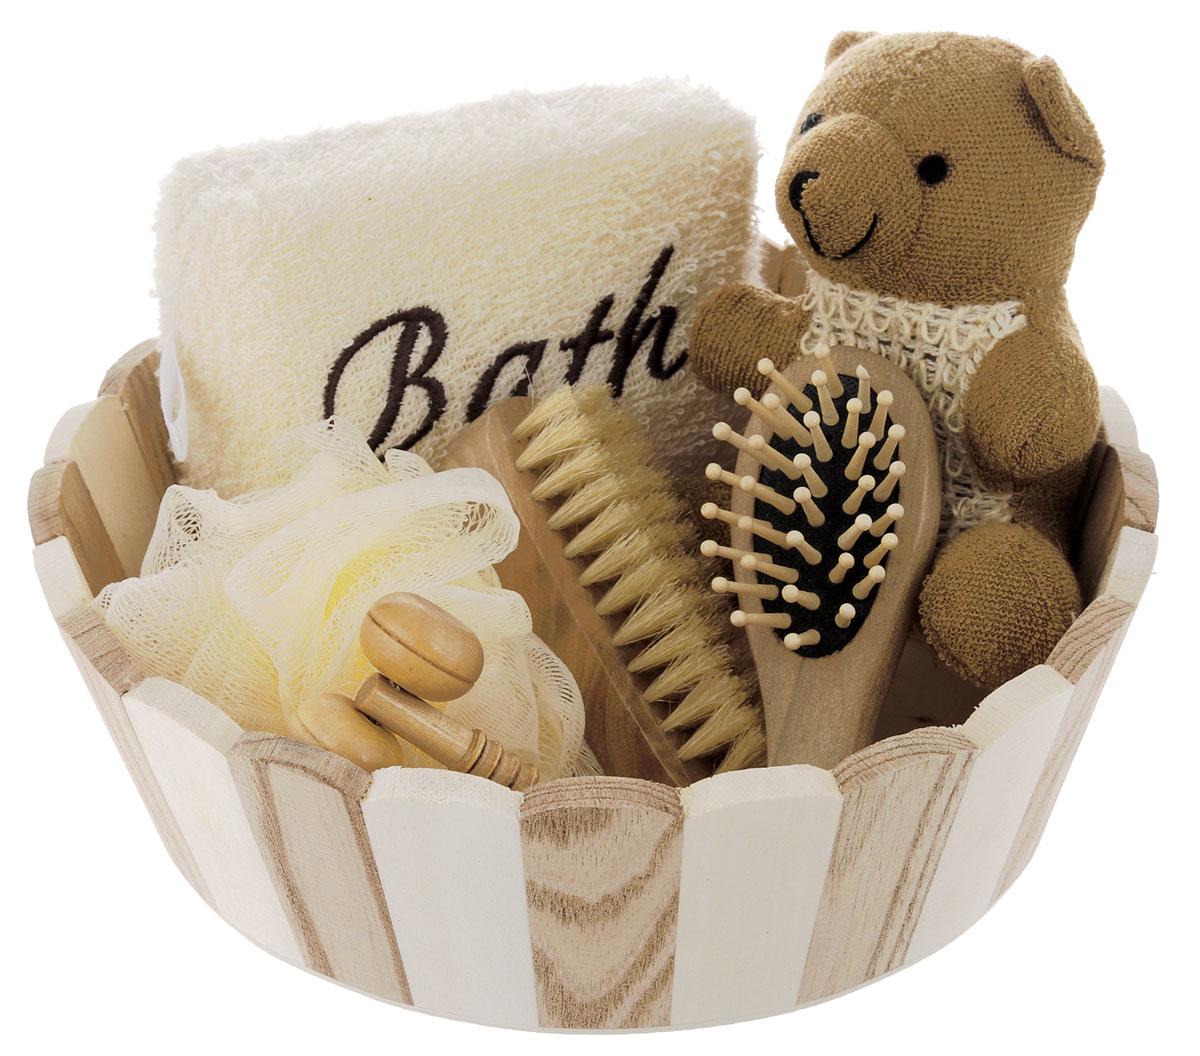 Набор для ванной и бани Феникс-презент Мишка, 7 предметовZ-0307Набор для ванной и бани Феникс-презент Мишка включает: - массажный ролик из древесины павловнии, - мочалка для купания из сизаля, - мочалка для купания из сизаля и полиэстера,- расческа из древесины павловнии,- мочалка для купания из полиэтилена,- щетка для тела со свинцовой щетиной, - лохань из древесины тополя. Такой мини-набор пригодится в любой бане и сделает банную процедуру еще более комфортной и расслабляющей. Размер массажного ролика: 11 х 4 х 2,5 см. Диаметр мочалки: 11 см. Размер расчески: 12 х 4 х 3 см. Размер мочалки из сизаля: 10 х 7 х 14, Размер мочалка из сизаля и полиэстера: 12 х 9 х 5 см,Размер щетки со свинцовой щетиной: 10 х 4 х 3,5 см, Размер лохани: 22 х 22 х 6,5 см.